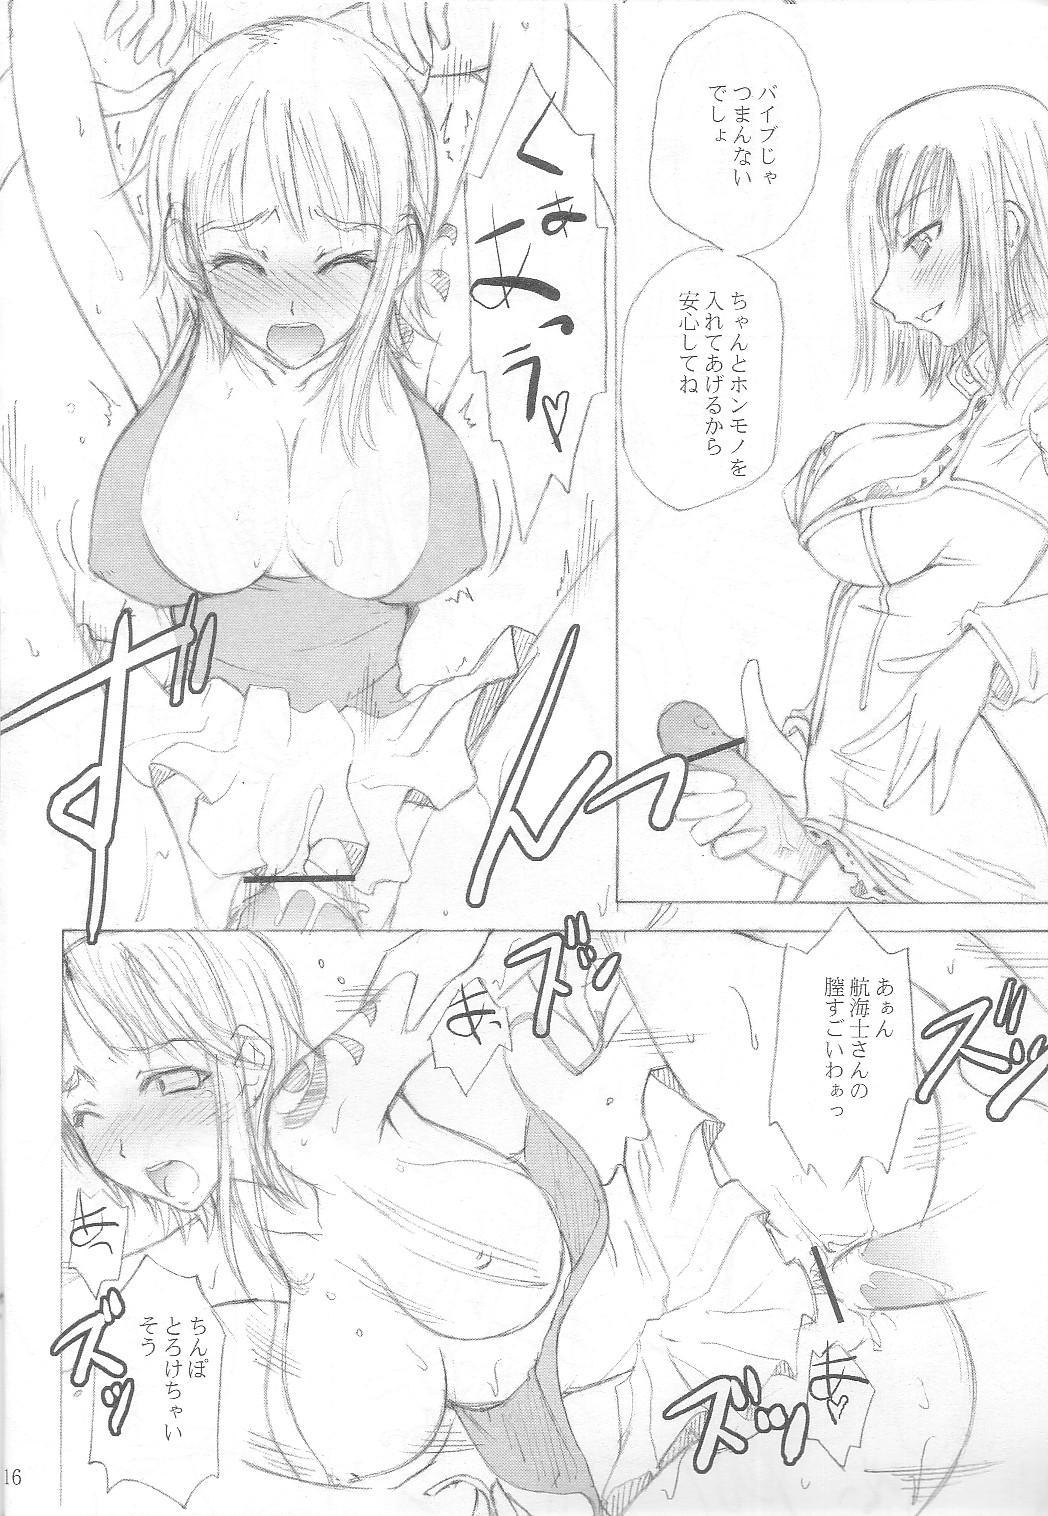 Kaizoku Jingi 15